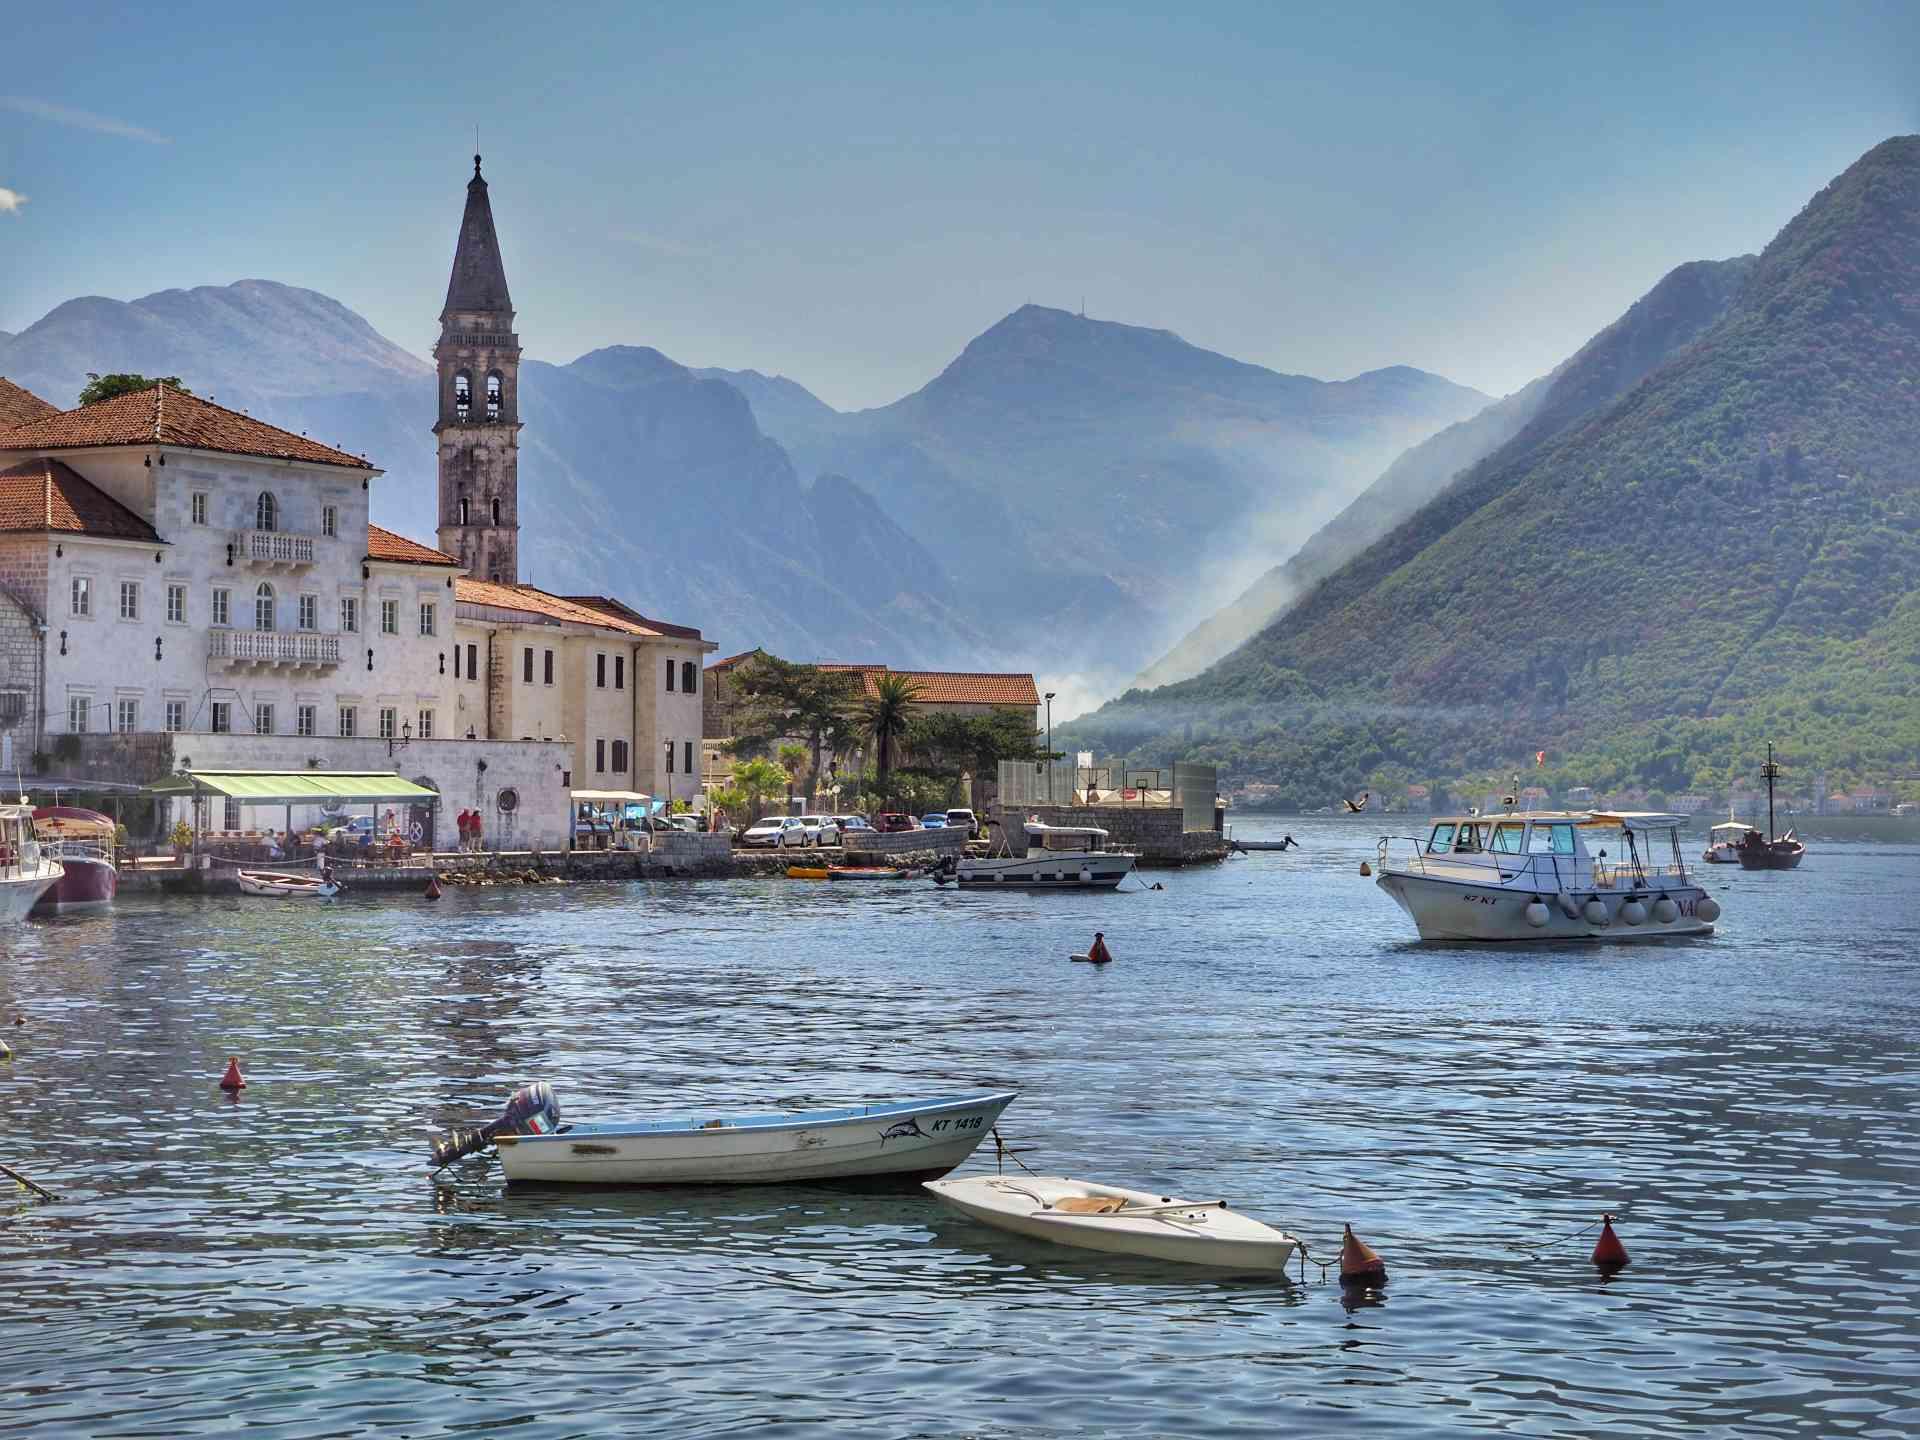 Kotor, Montenegro by David Hein